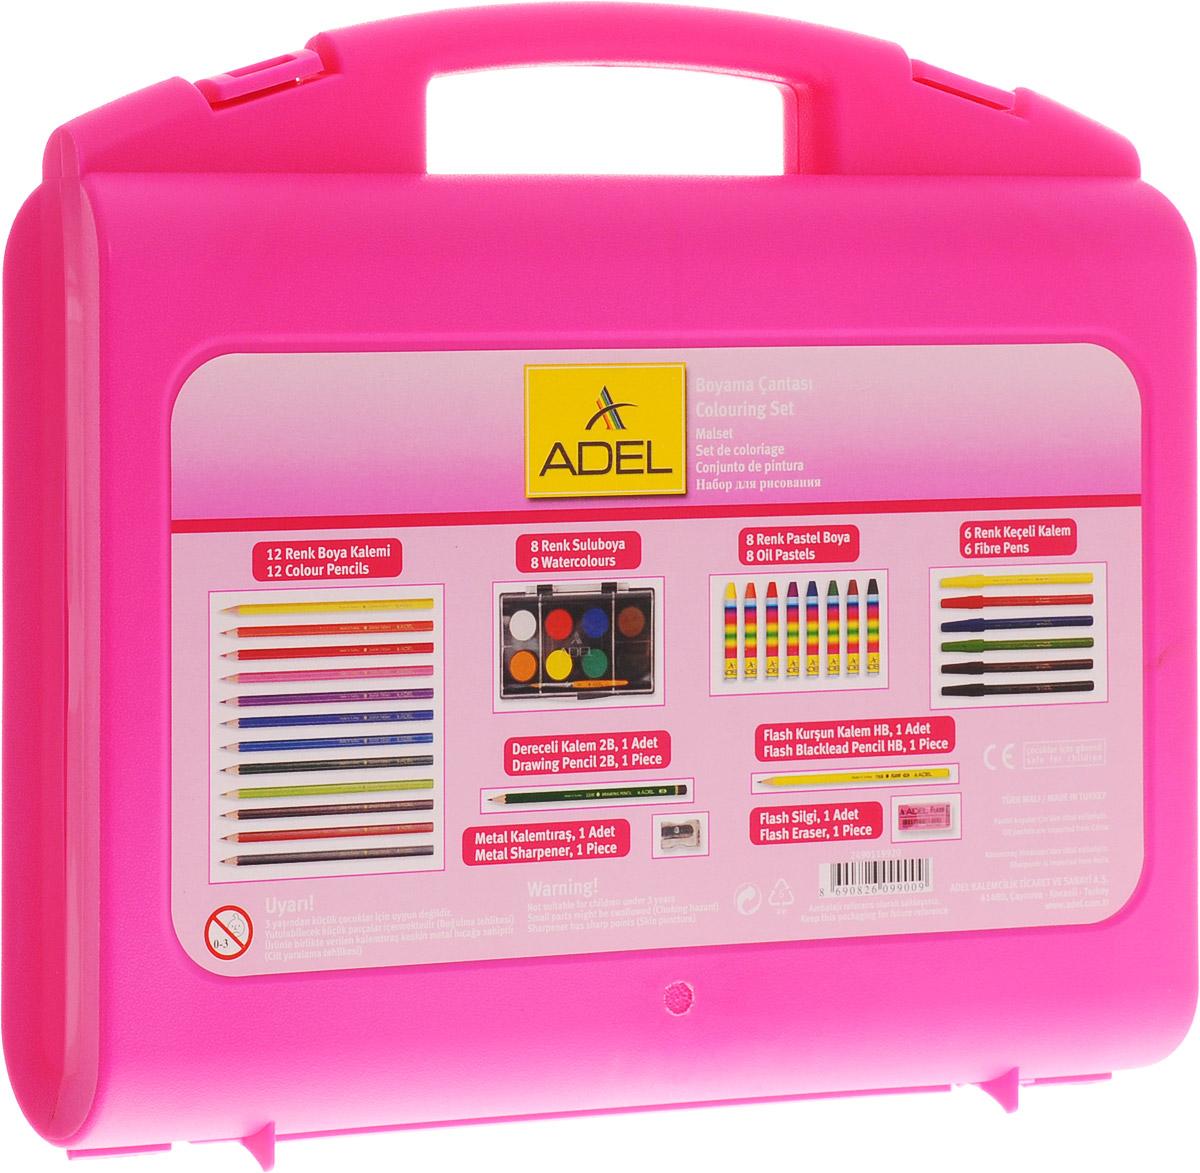 Adel Набор для рисования 38 предметов цвет розовый249-0119-920_розовыйНабор для рисования Adel - прекрасный комплект для юного художника. Все принадлежности хранятся в удобном пластиковом чемоданчике. Разноцветные карандаши, краски, пастельные мелки и фломастеры помогут вашему малышу познакомится с различными художественными стилями и выбрать наиболее понравившийся. Яркие и качественные краски не содержат токсичных веществ, поэтому совершенно безопасны для здоровья вашего ребенка. В комплект также входят ластик и точилка. Не рекомендуется детям до 3-х лет.